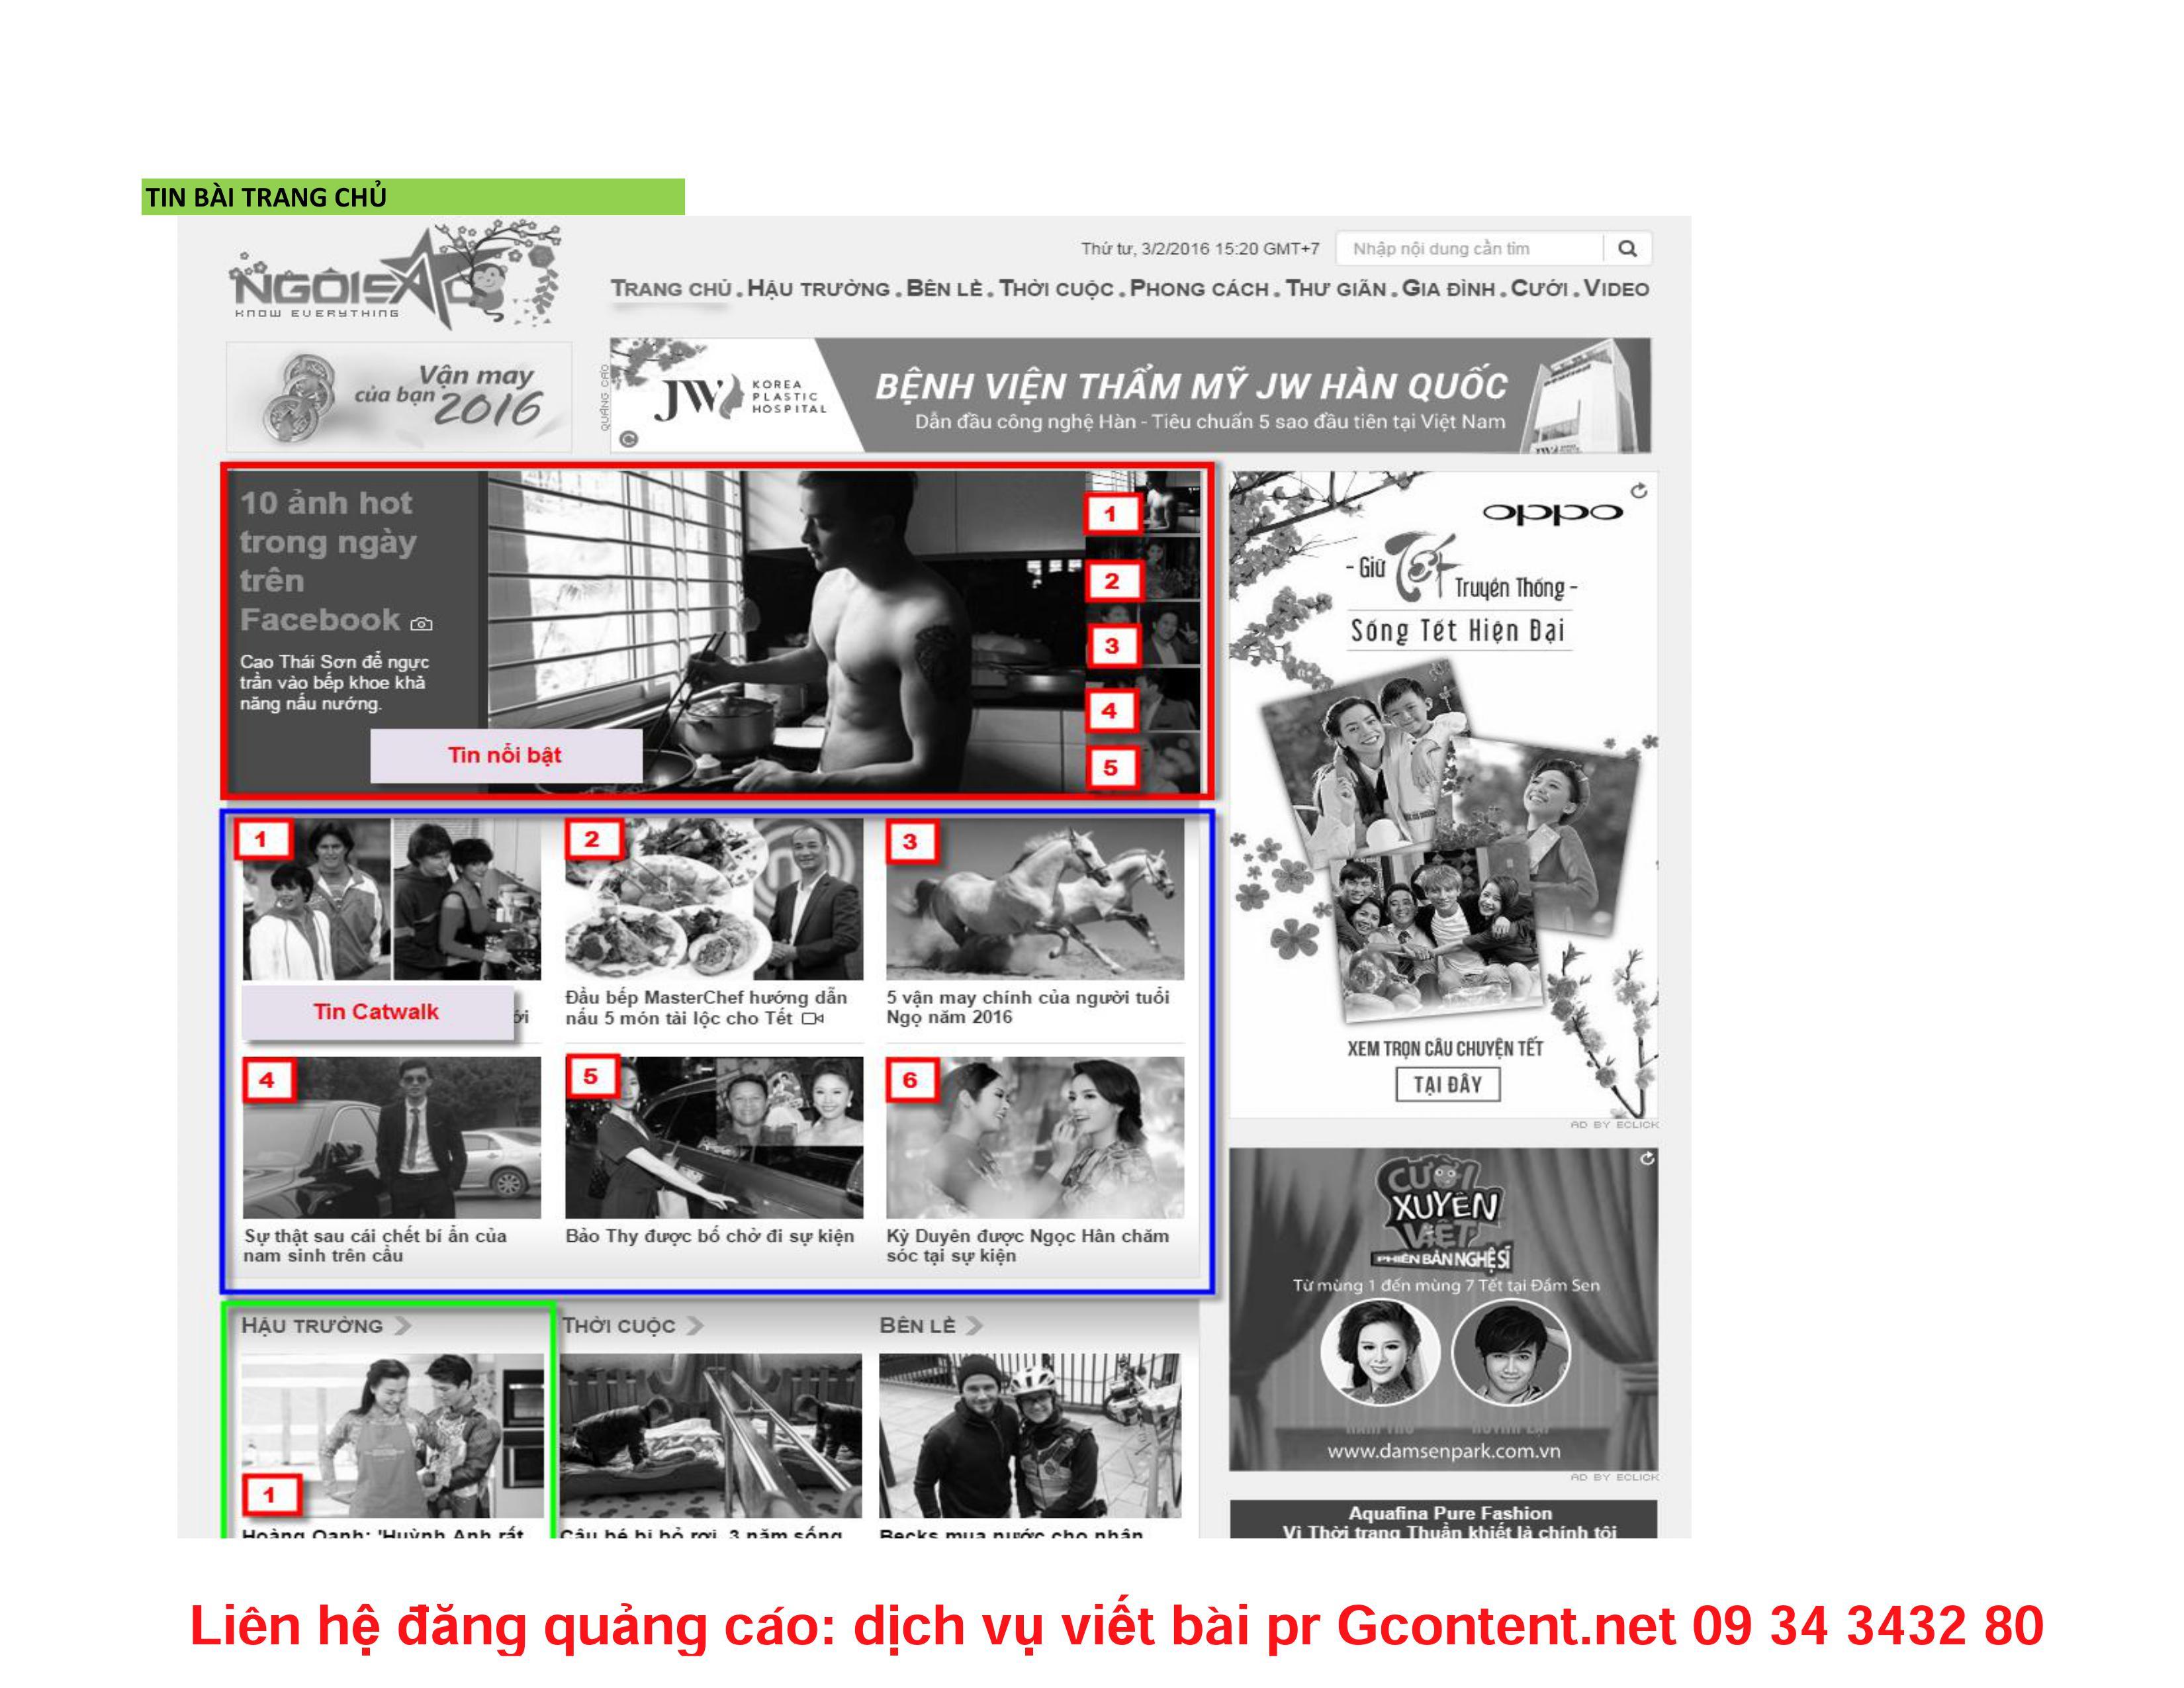 Bảng giá quảng cáo báo Ngoisao.net mới nhất năm 2016